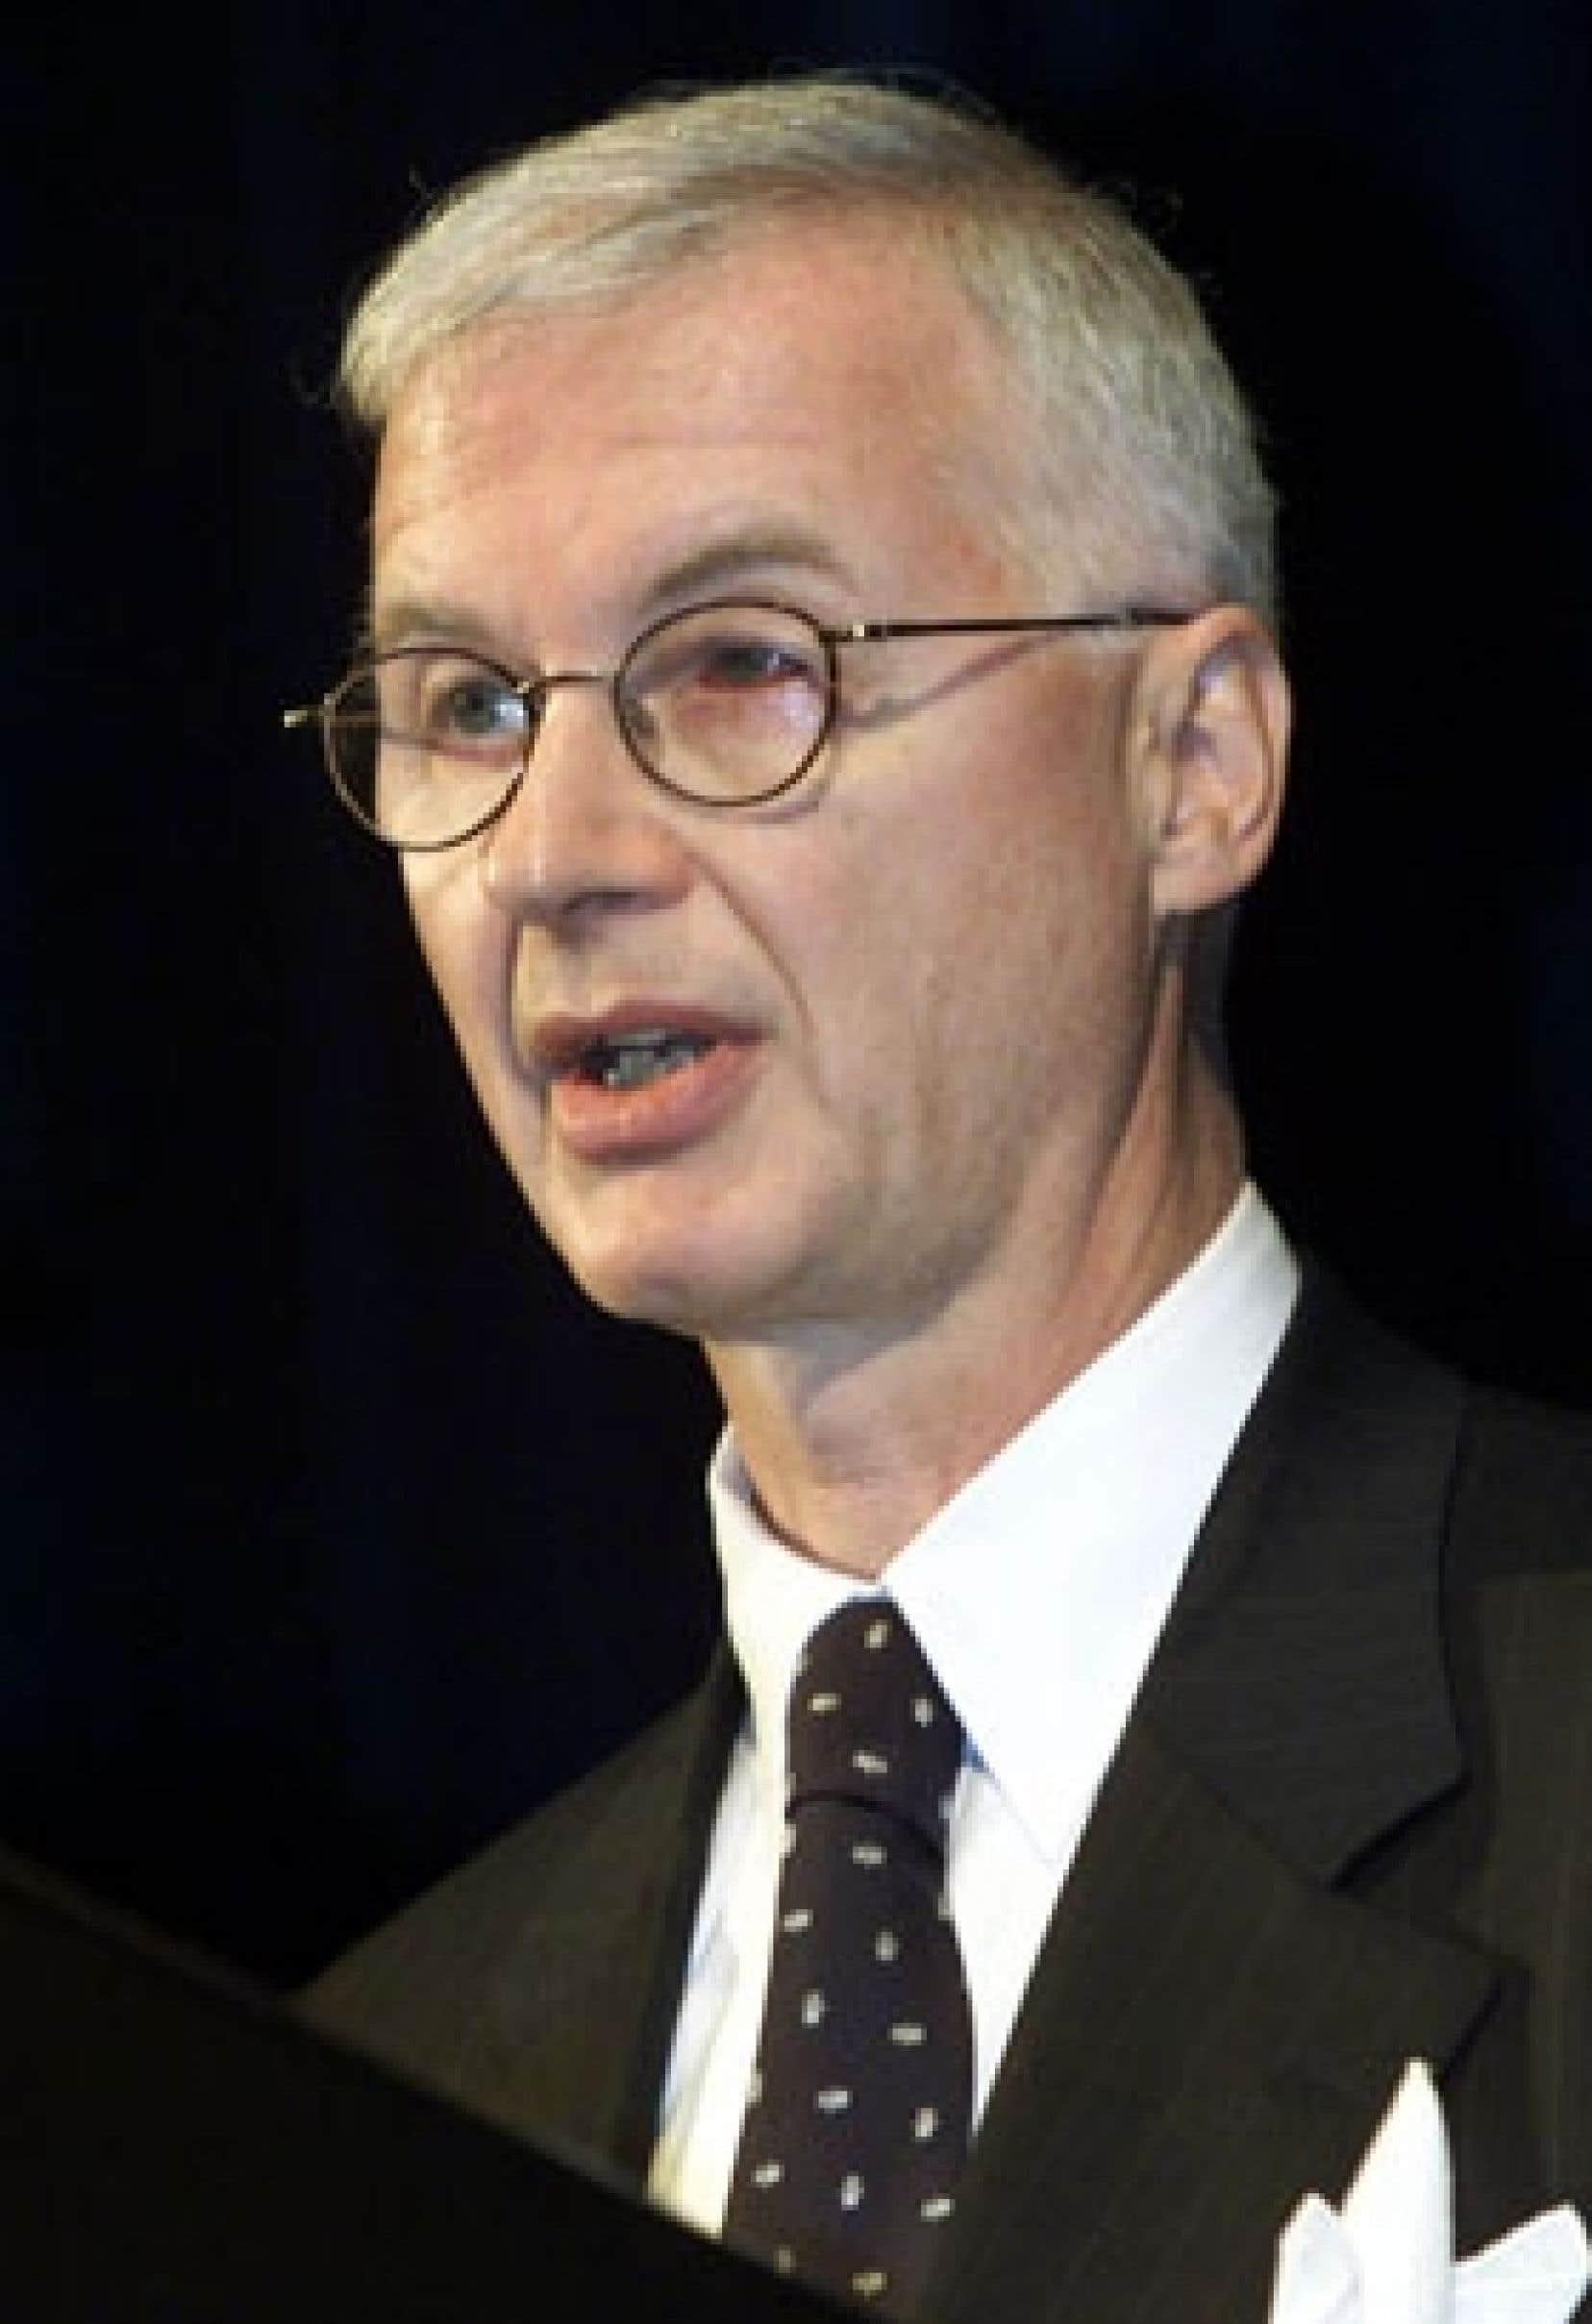 Le diplomate canadien Robert Fowler